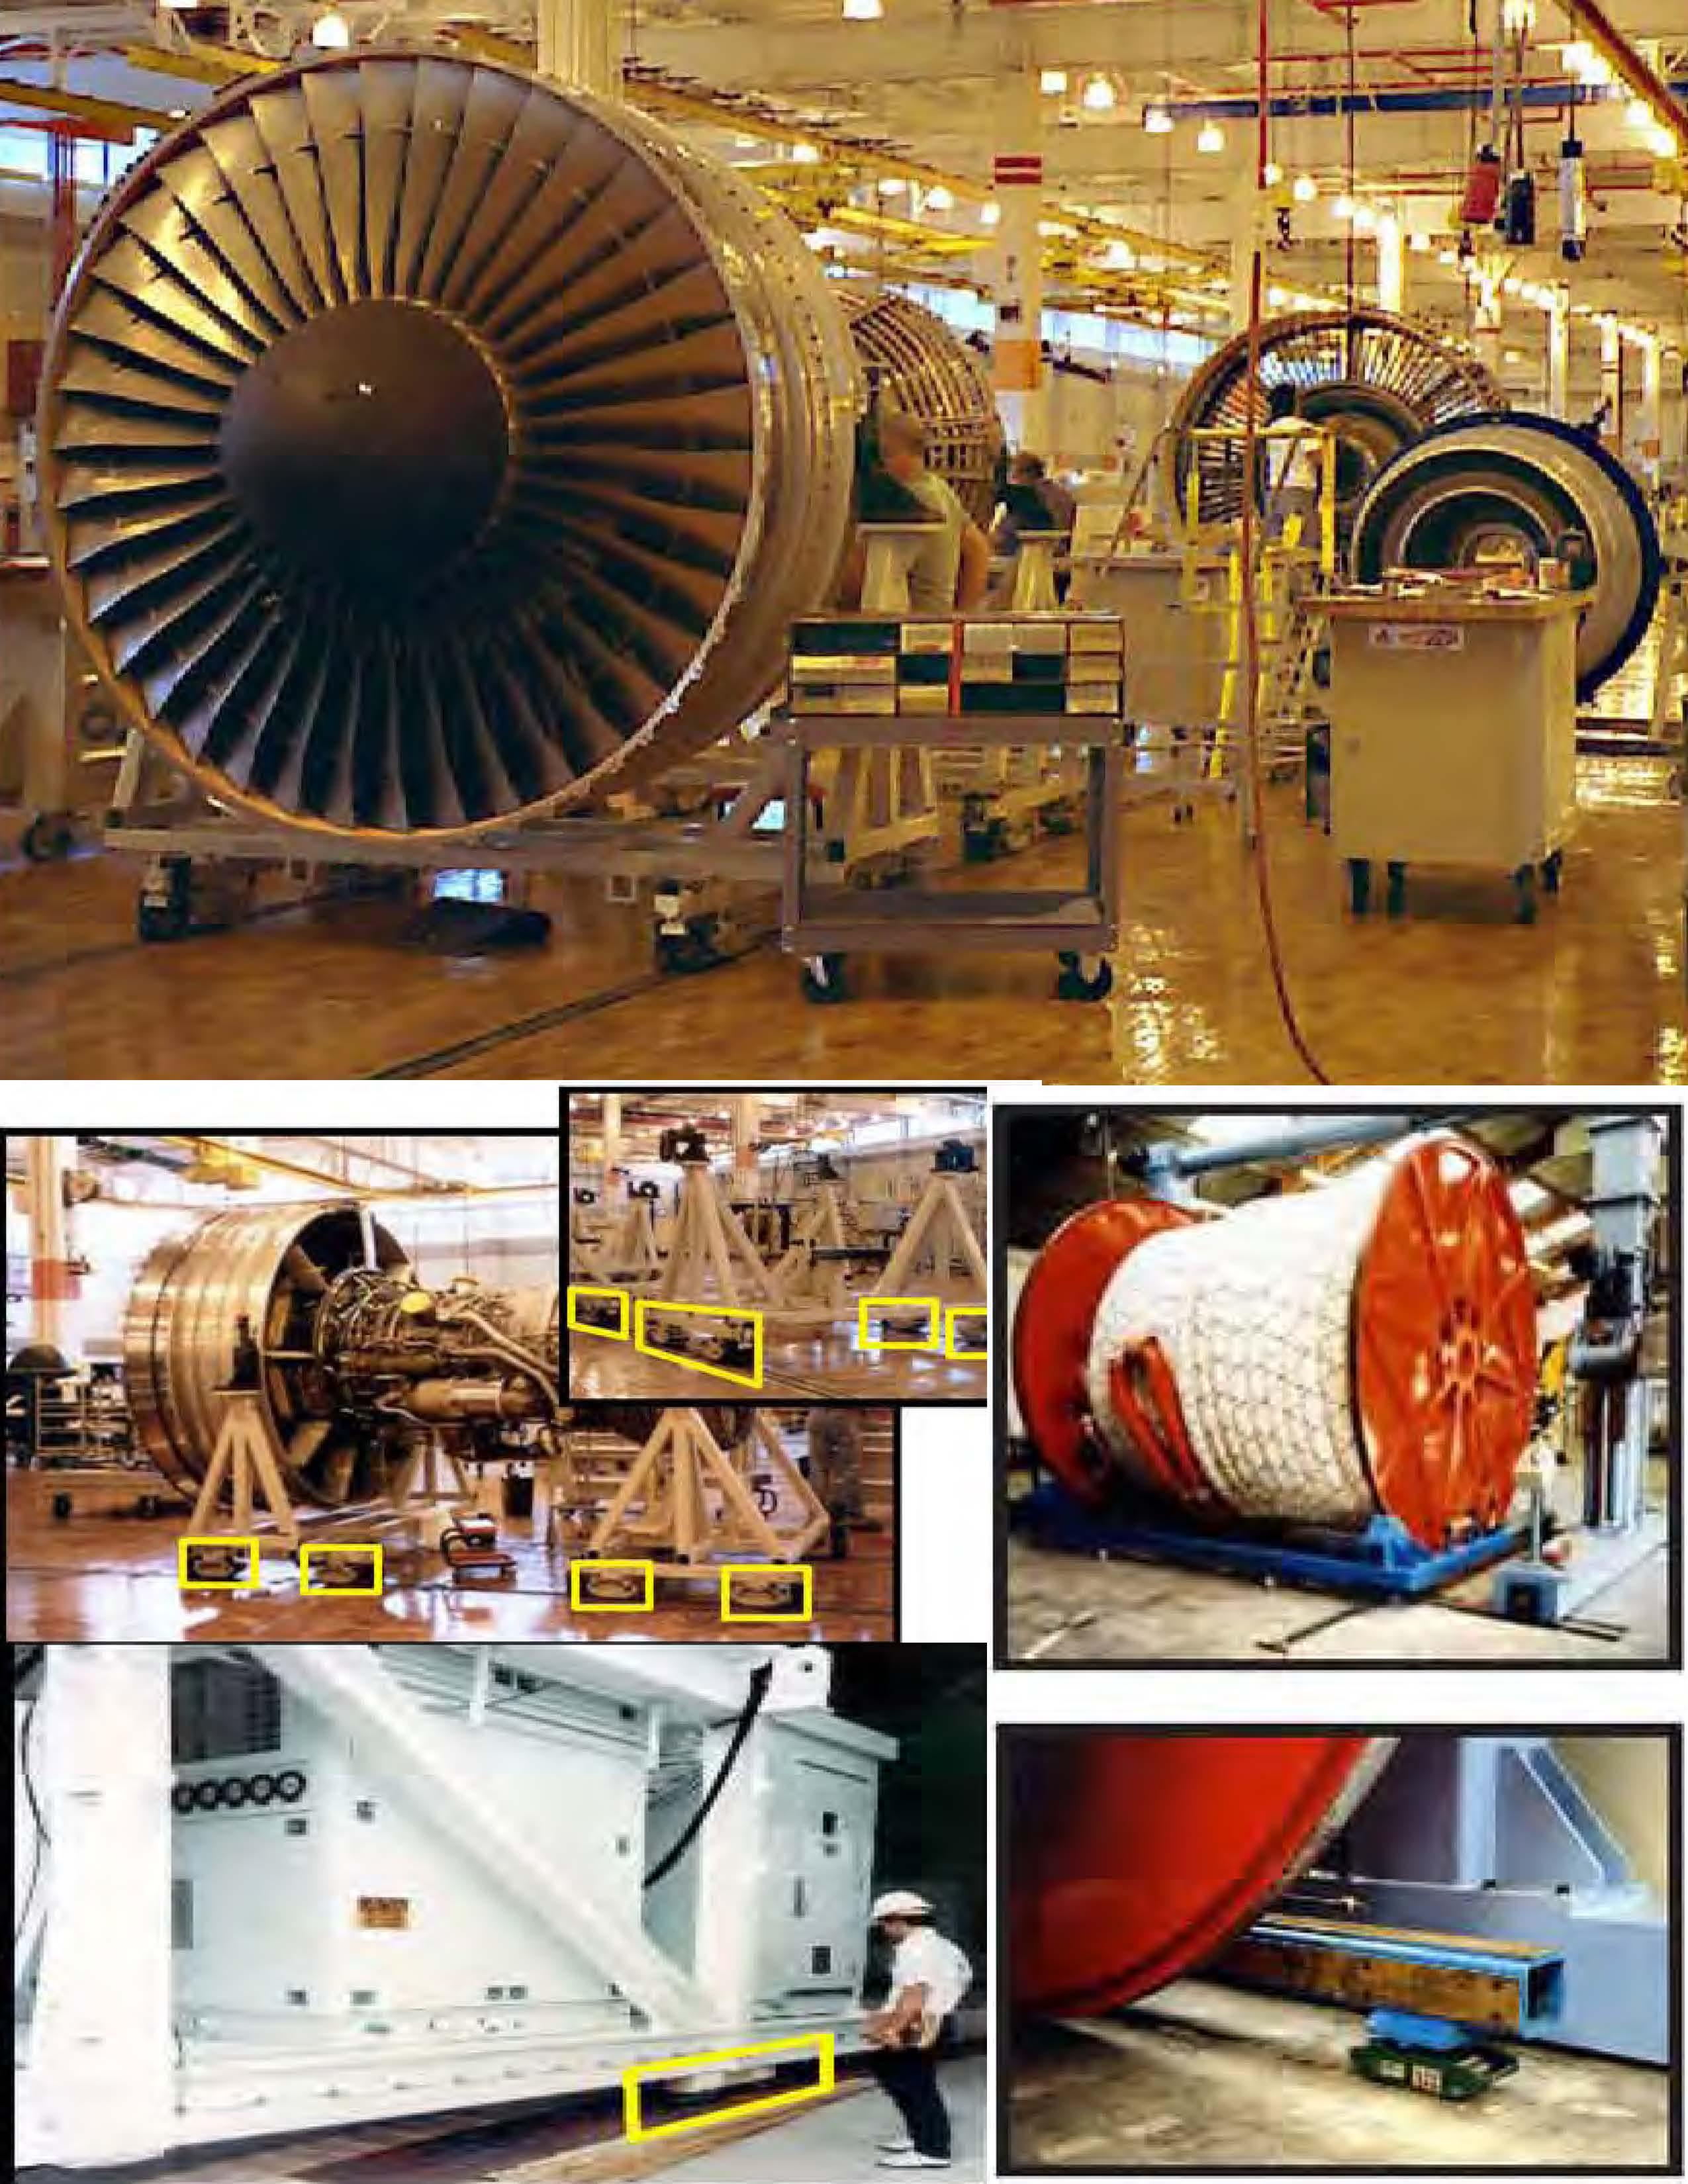 載重移動滾輪工業實例.jpg